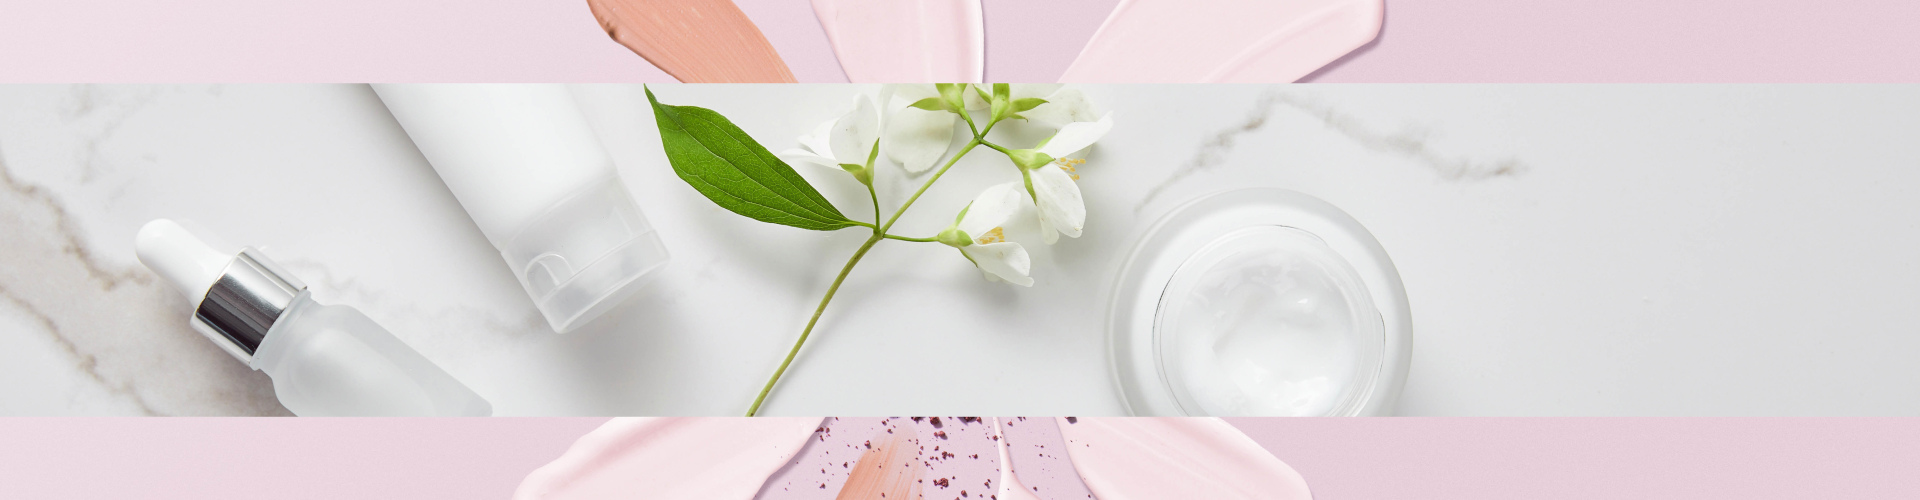 Enjoy Divine Nature natuurcosmetica verzorgingslijn productie